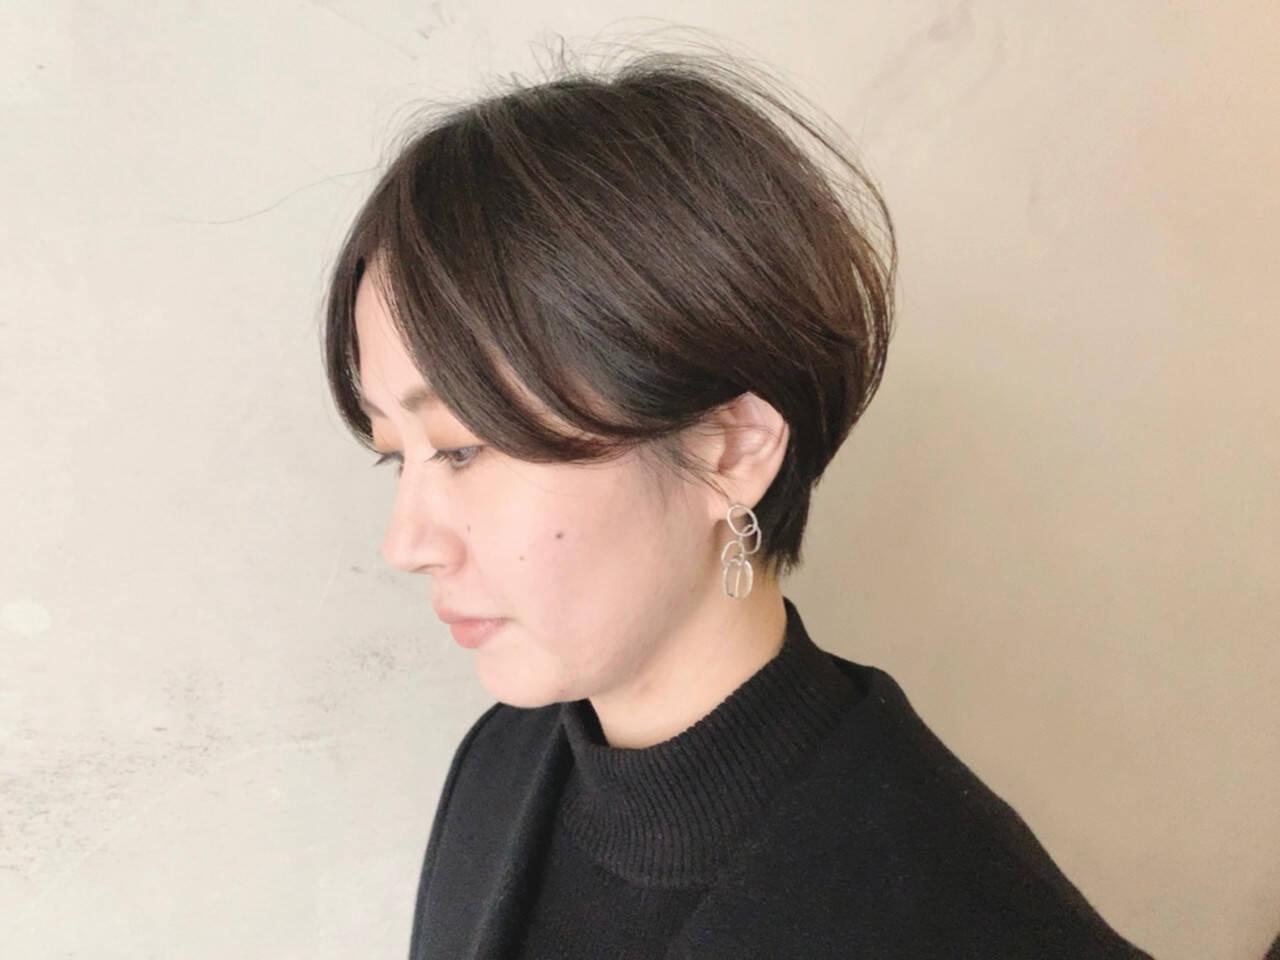 ナチュラル 簡単スタイリング ショート ショートヘアヘアスタイルや髪型の写真・画像